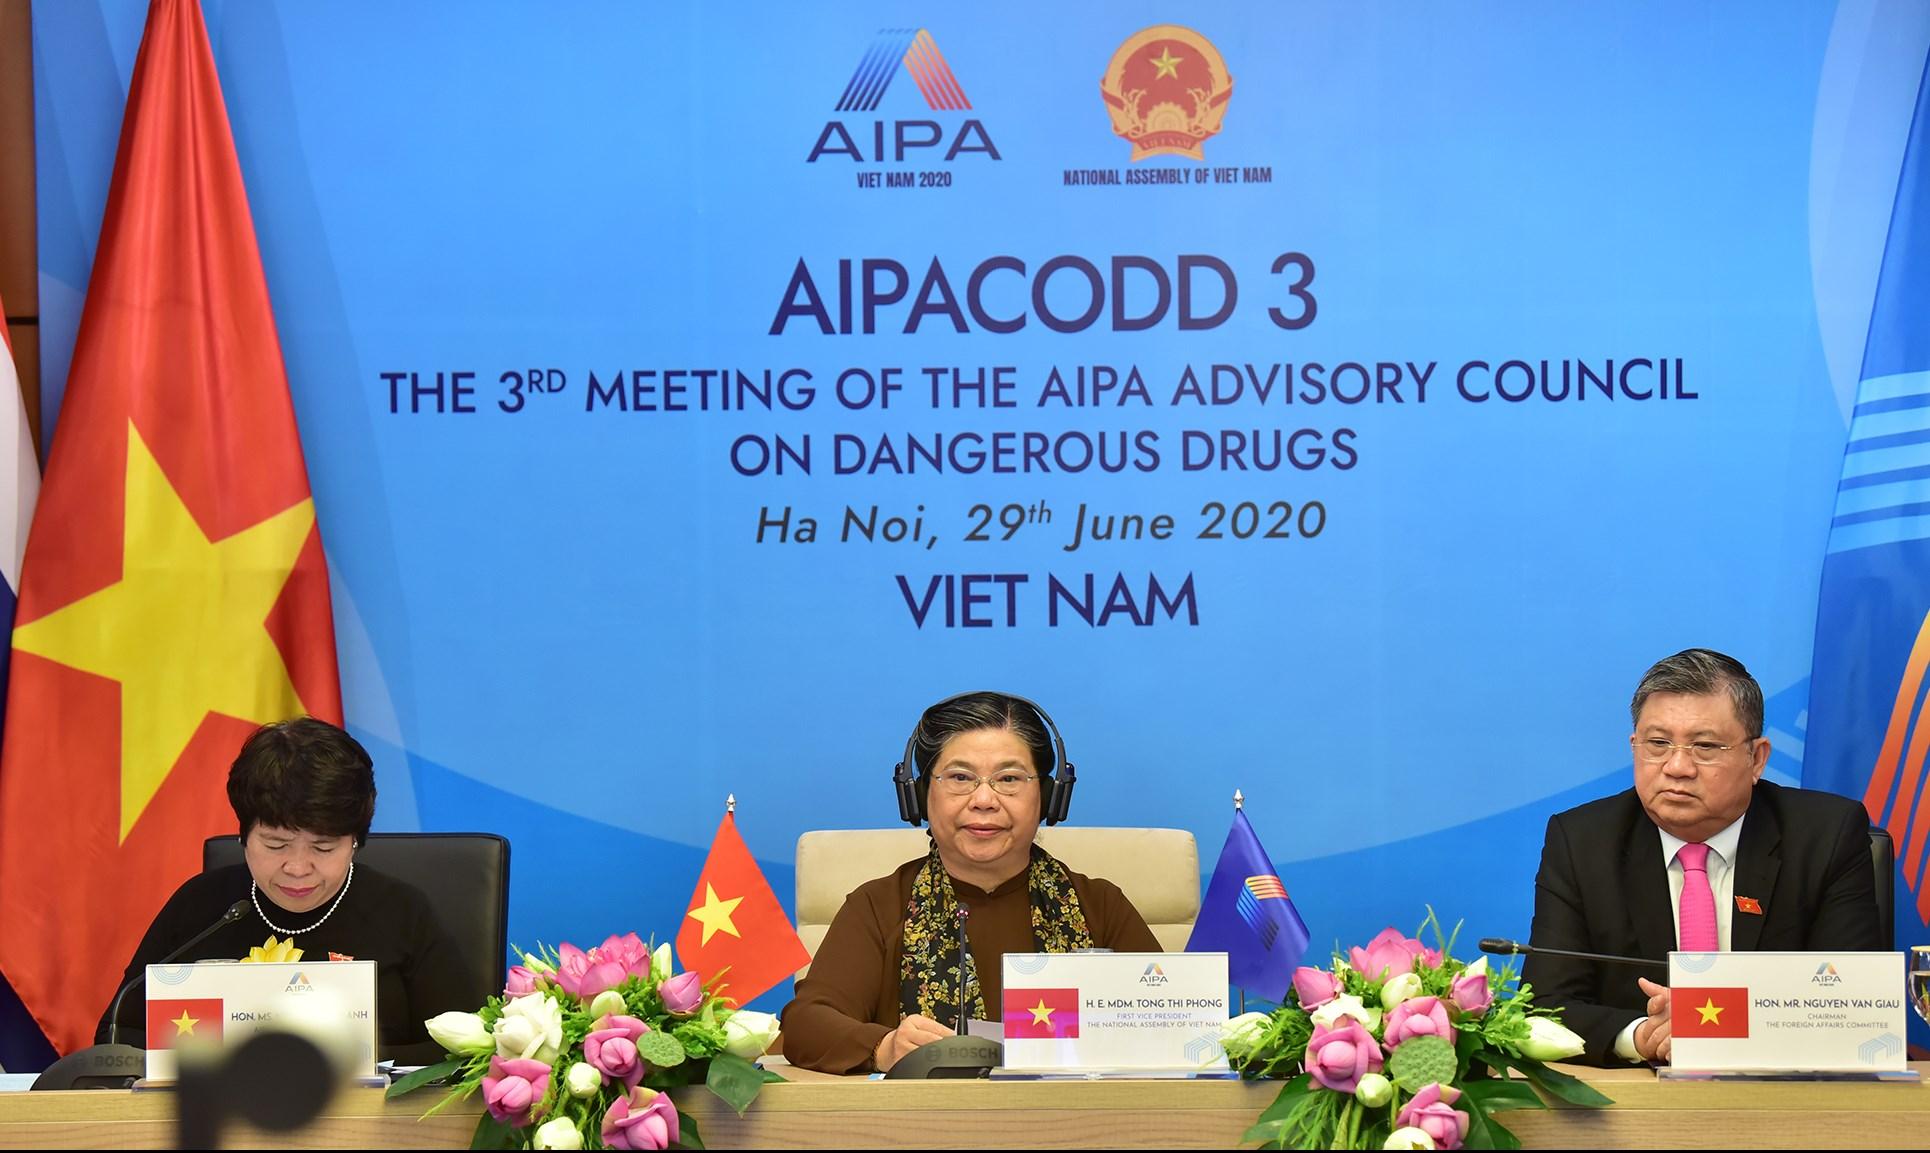 Phó Chủ tịch Thường trực Quốc hội Việt Nam Tòng Thị Phóng phát biểu khai mạc Hội nghị AIPACODD 3 - Ảnh: Hoàng Giang